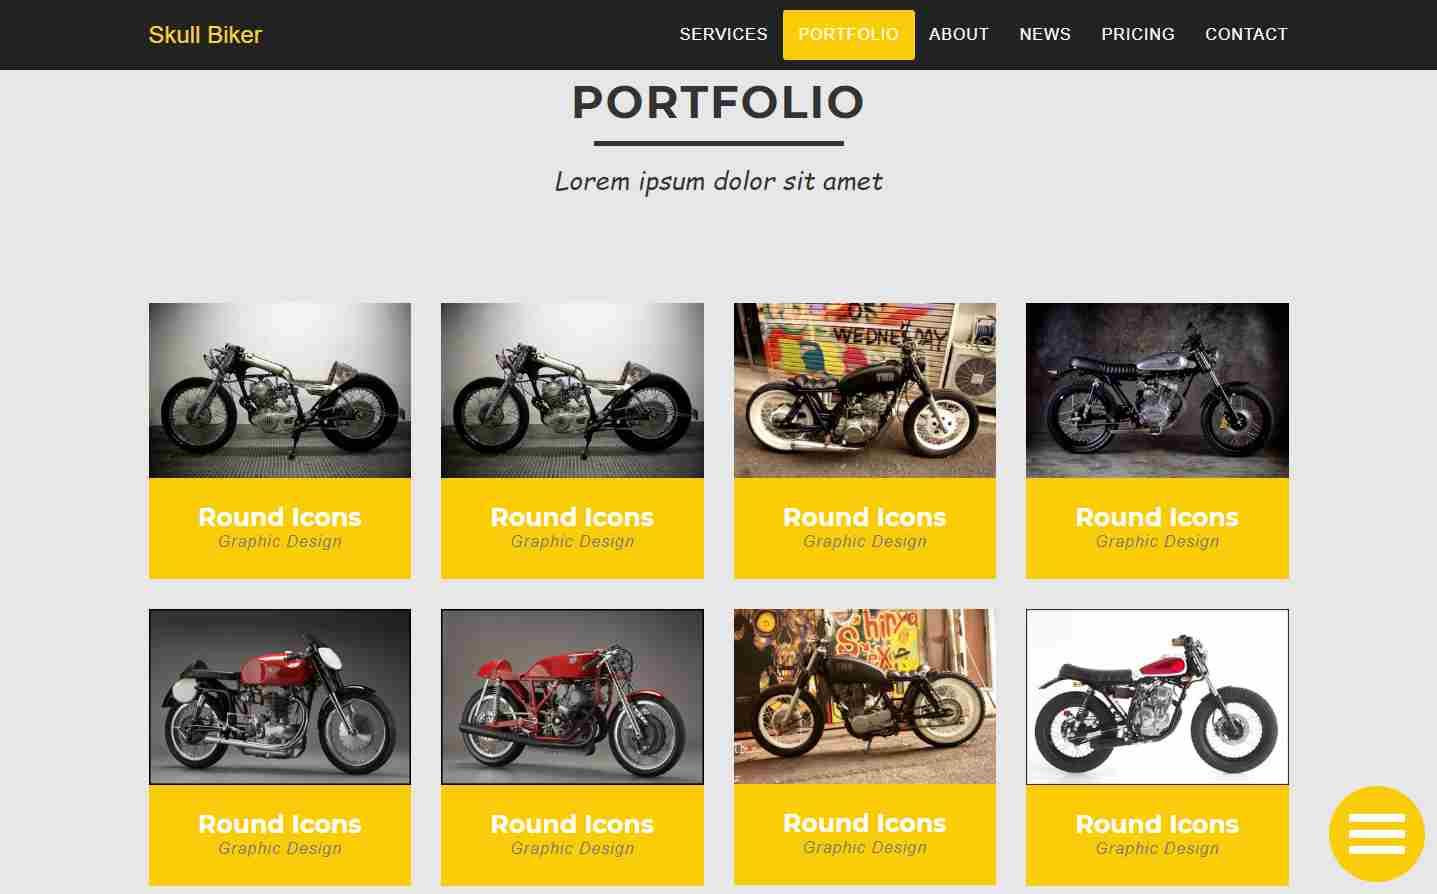 zSkullBiker: A Free Bootstrap Website Theme